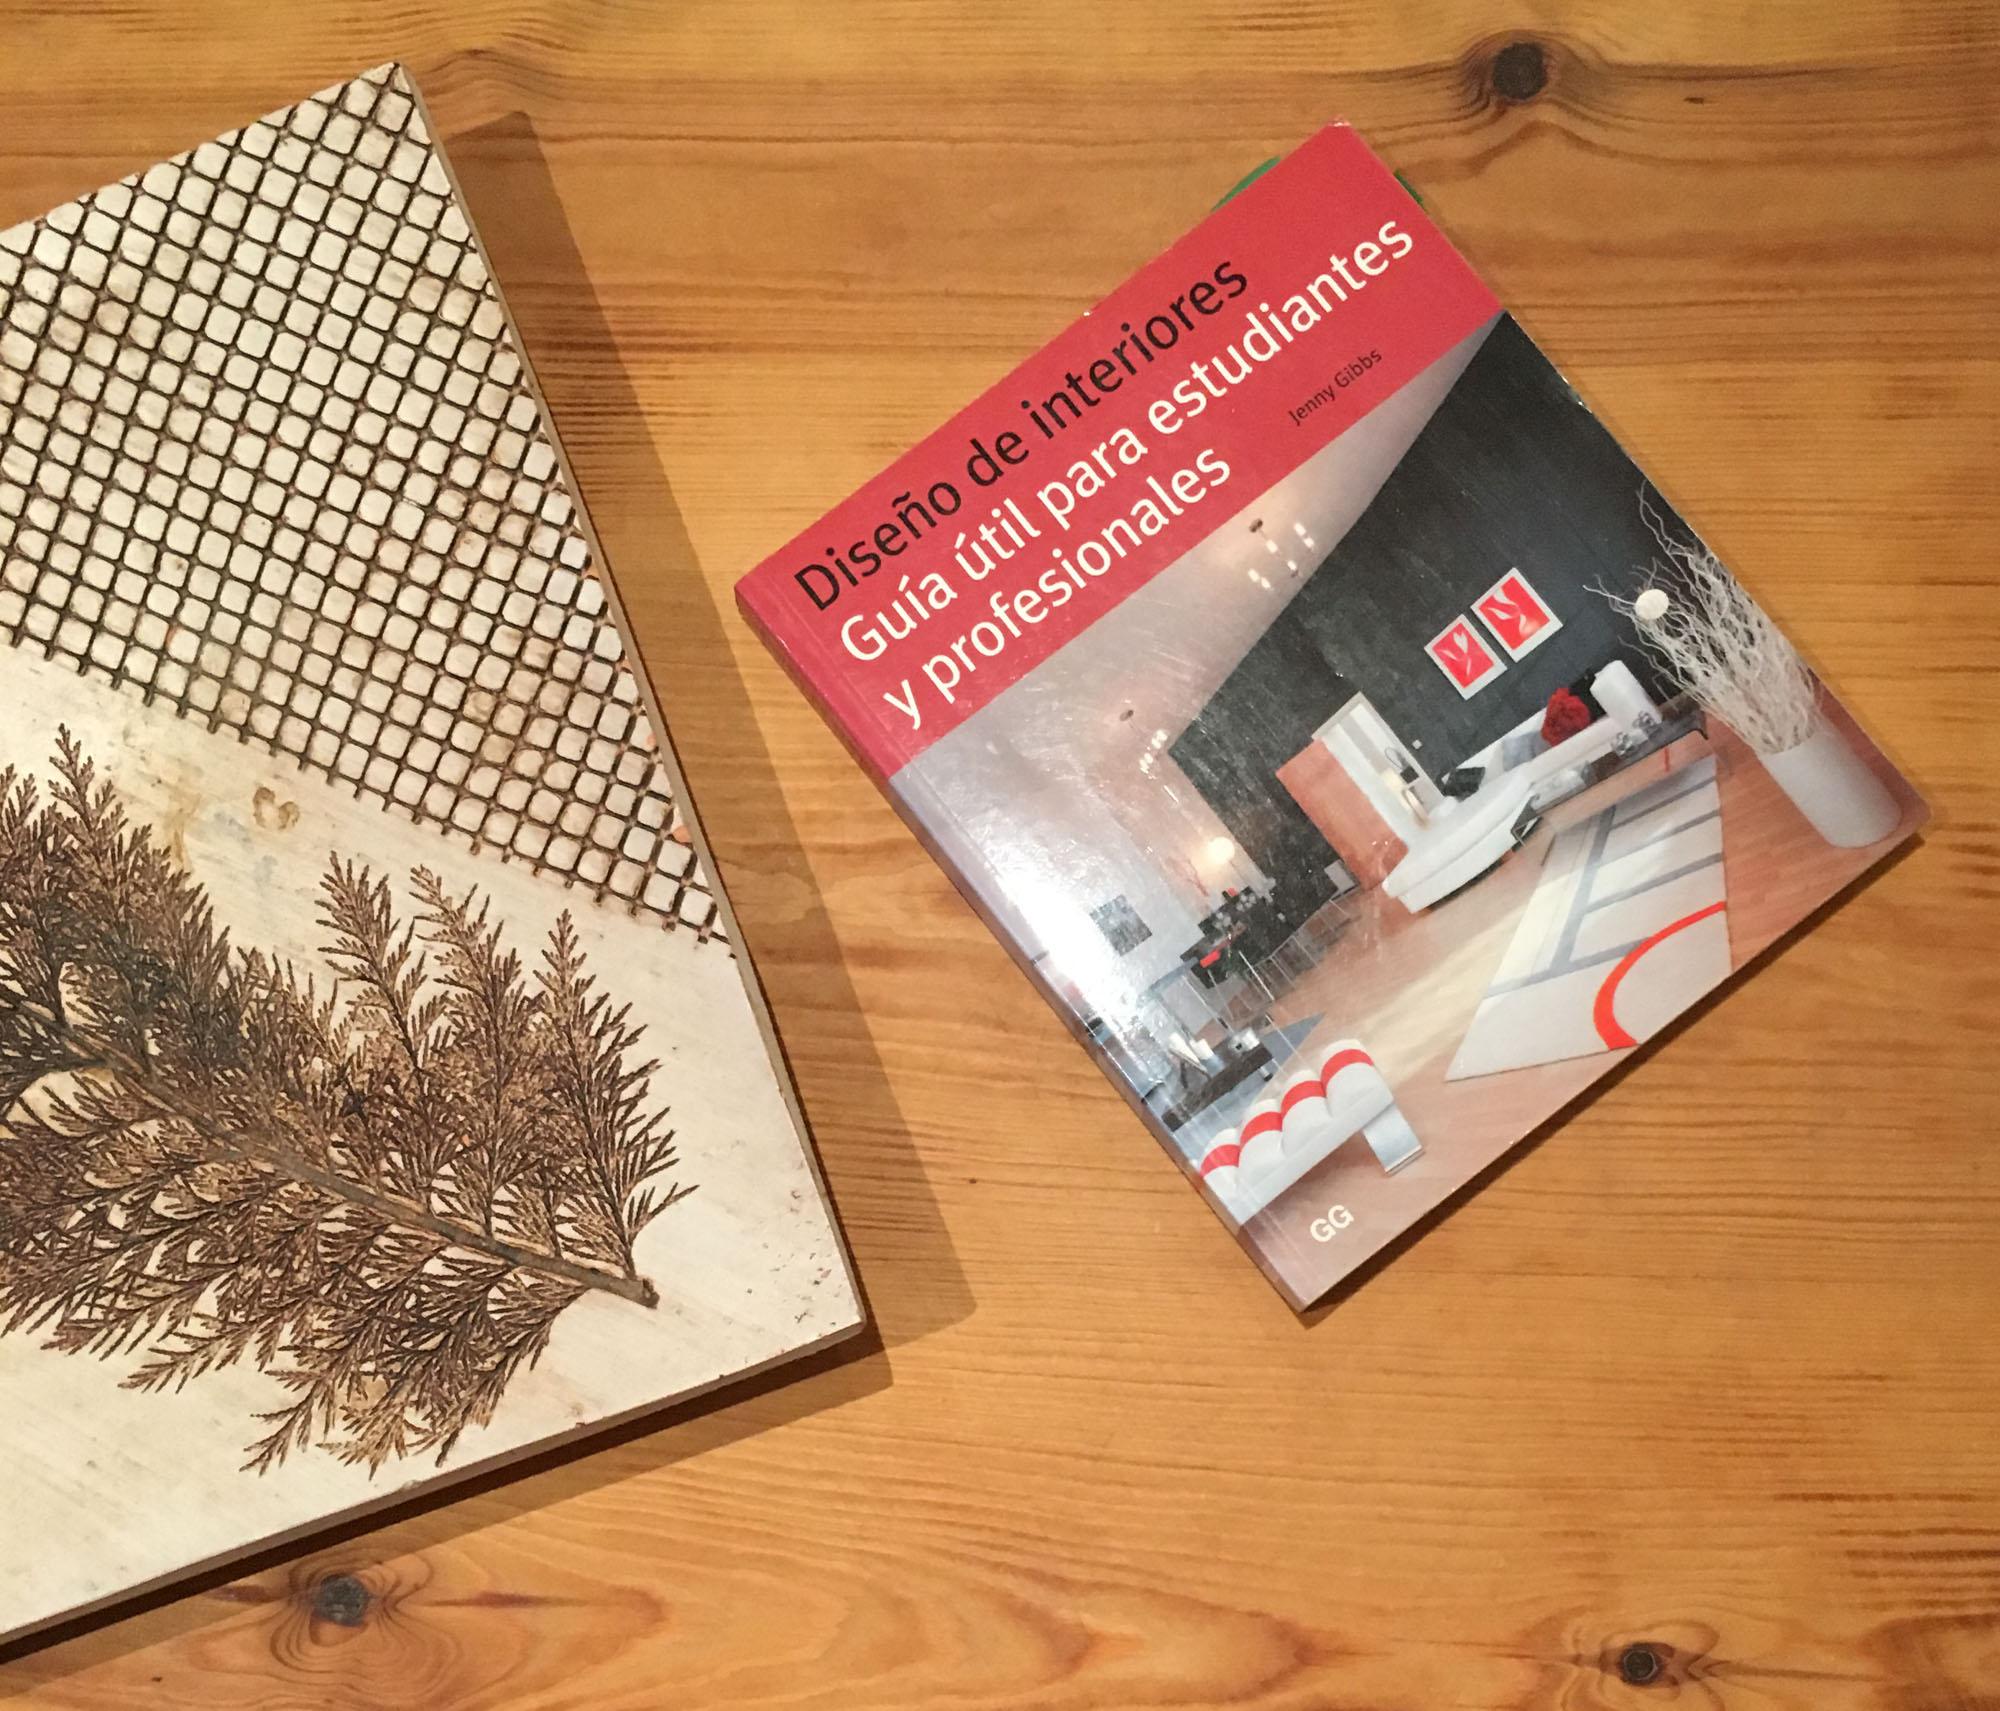 diseño-de-interiores-gua-util, persistencia o cambio, mar vidal, libro de la semana, lectura, libros, literatura